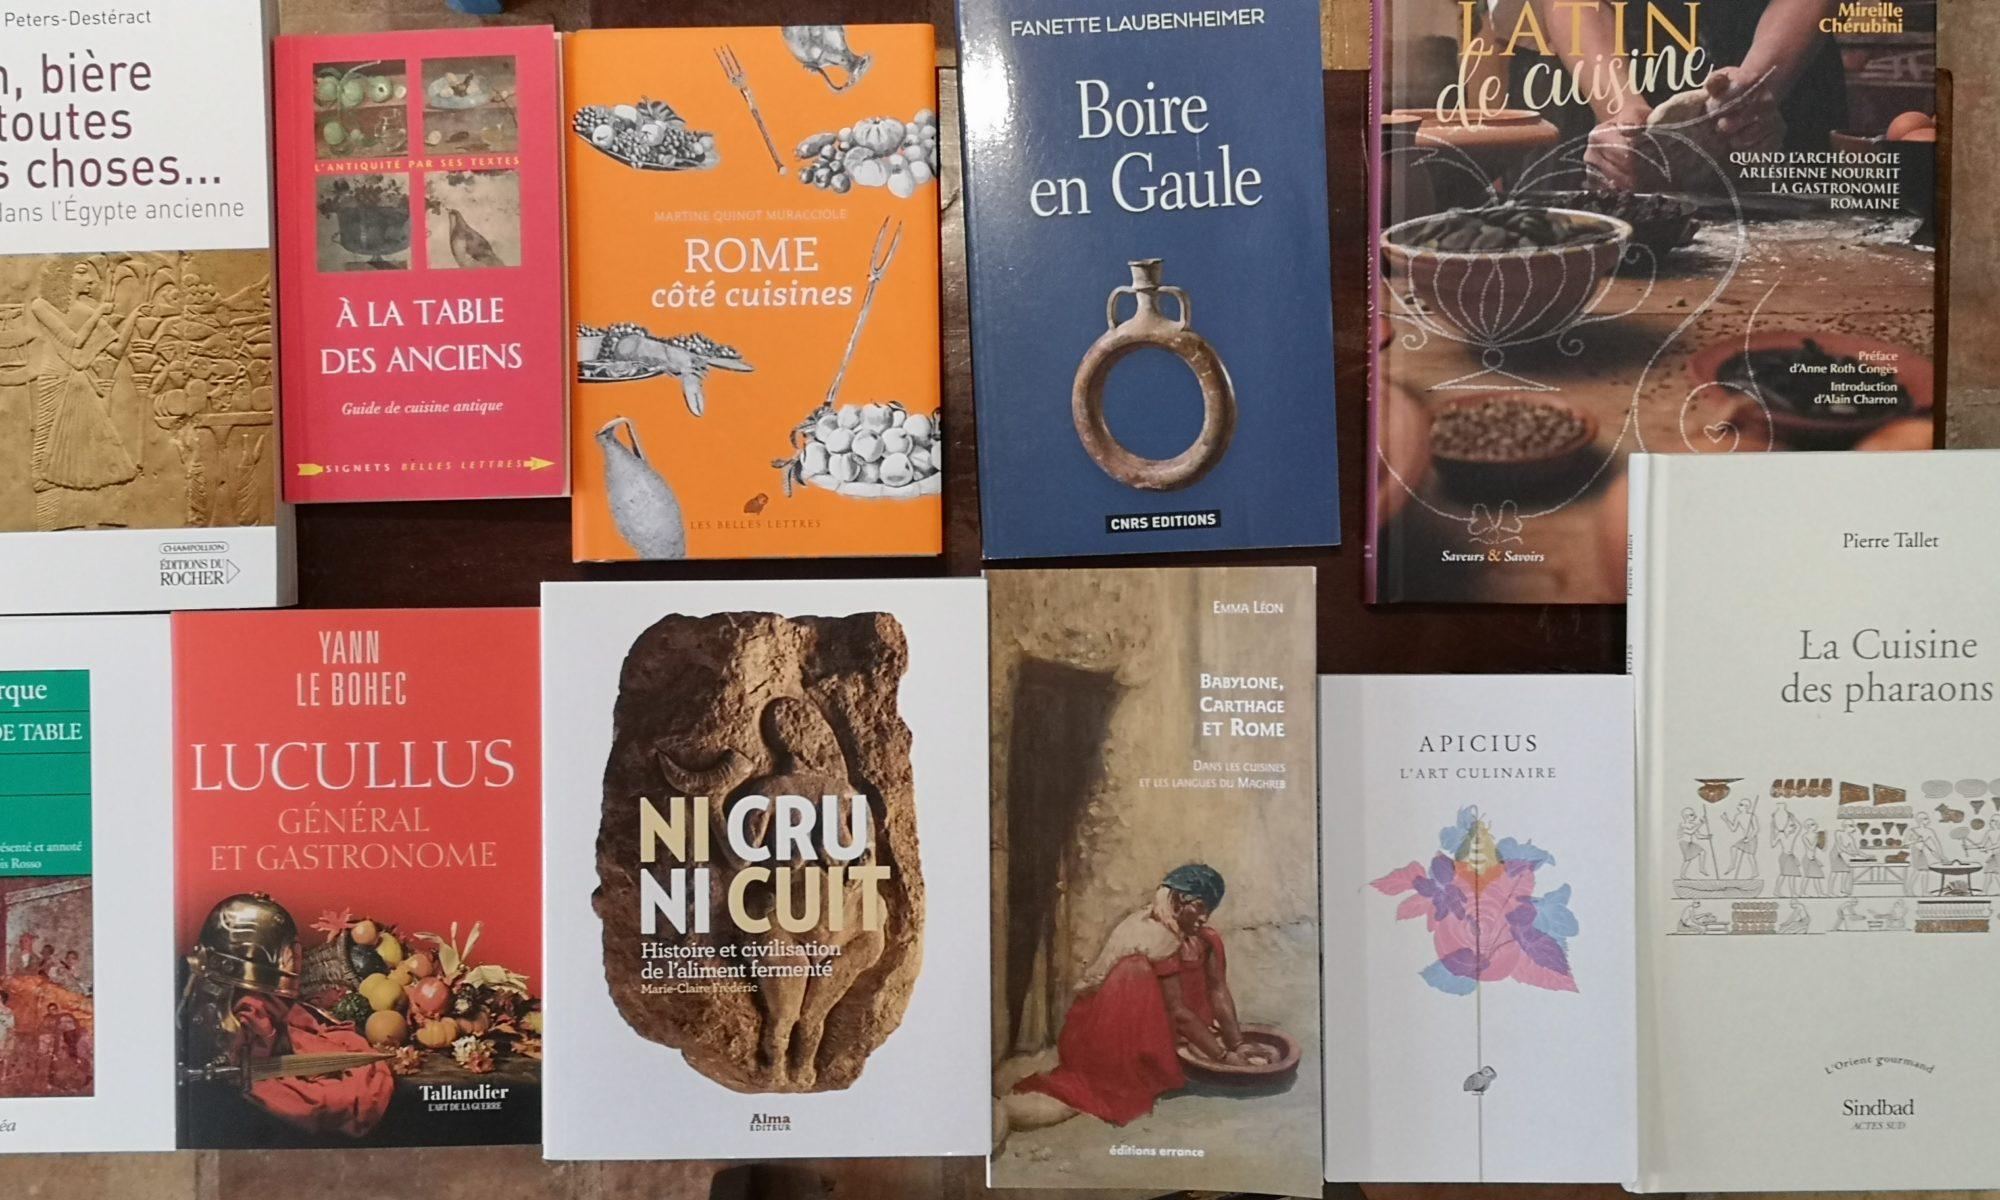 De natura rerum, le livre et le goût, Maussane octobre 2019